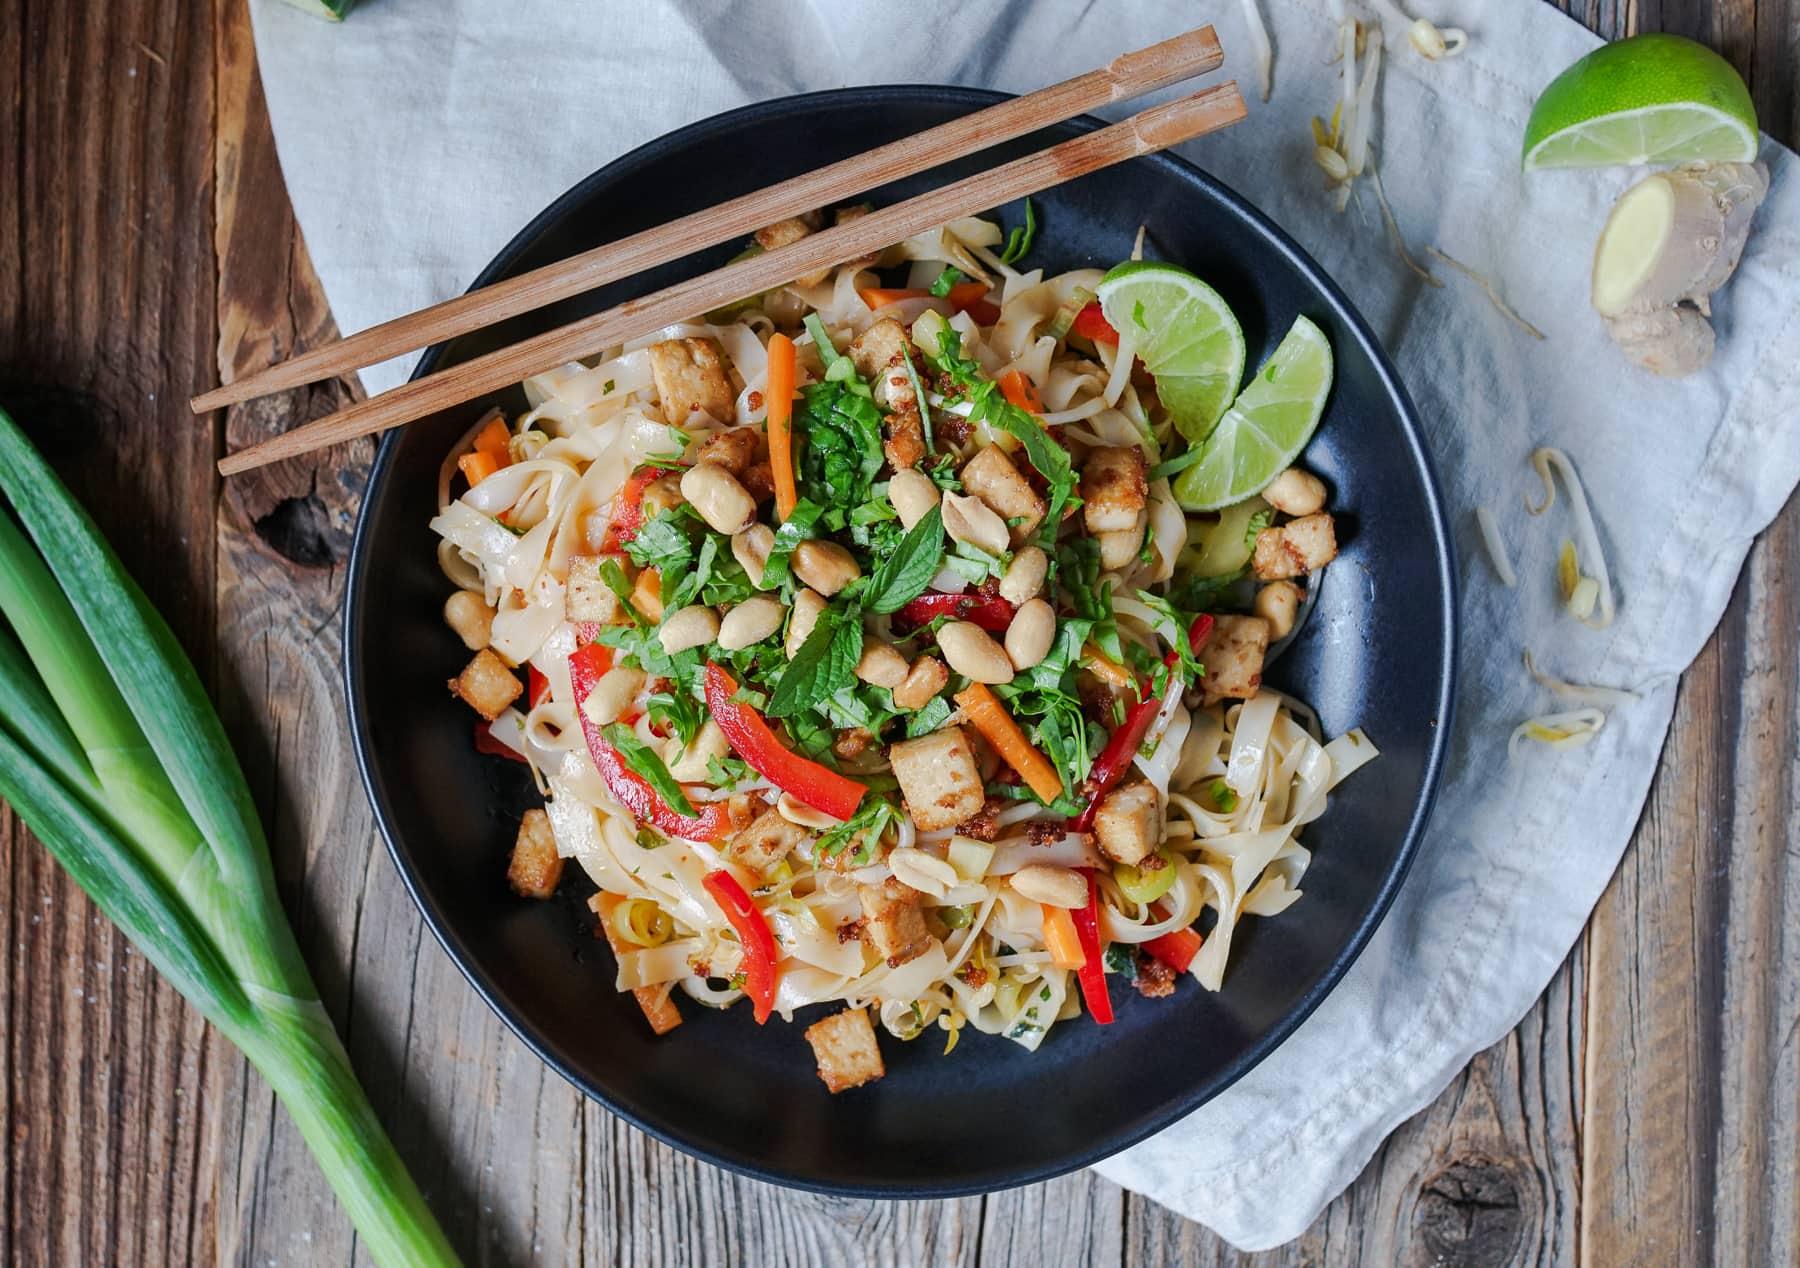 Line macht vietnamesischen Reisnudelsalat mit crispy Tofu   Line kocht   Was is hier eigentlich los?